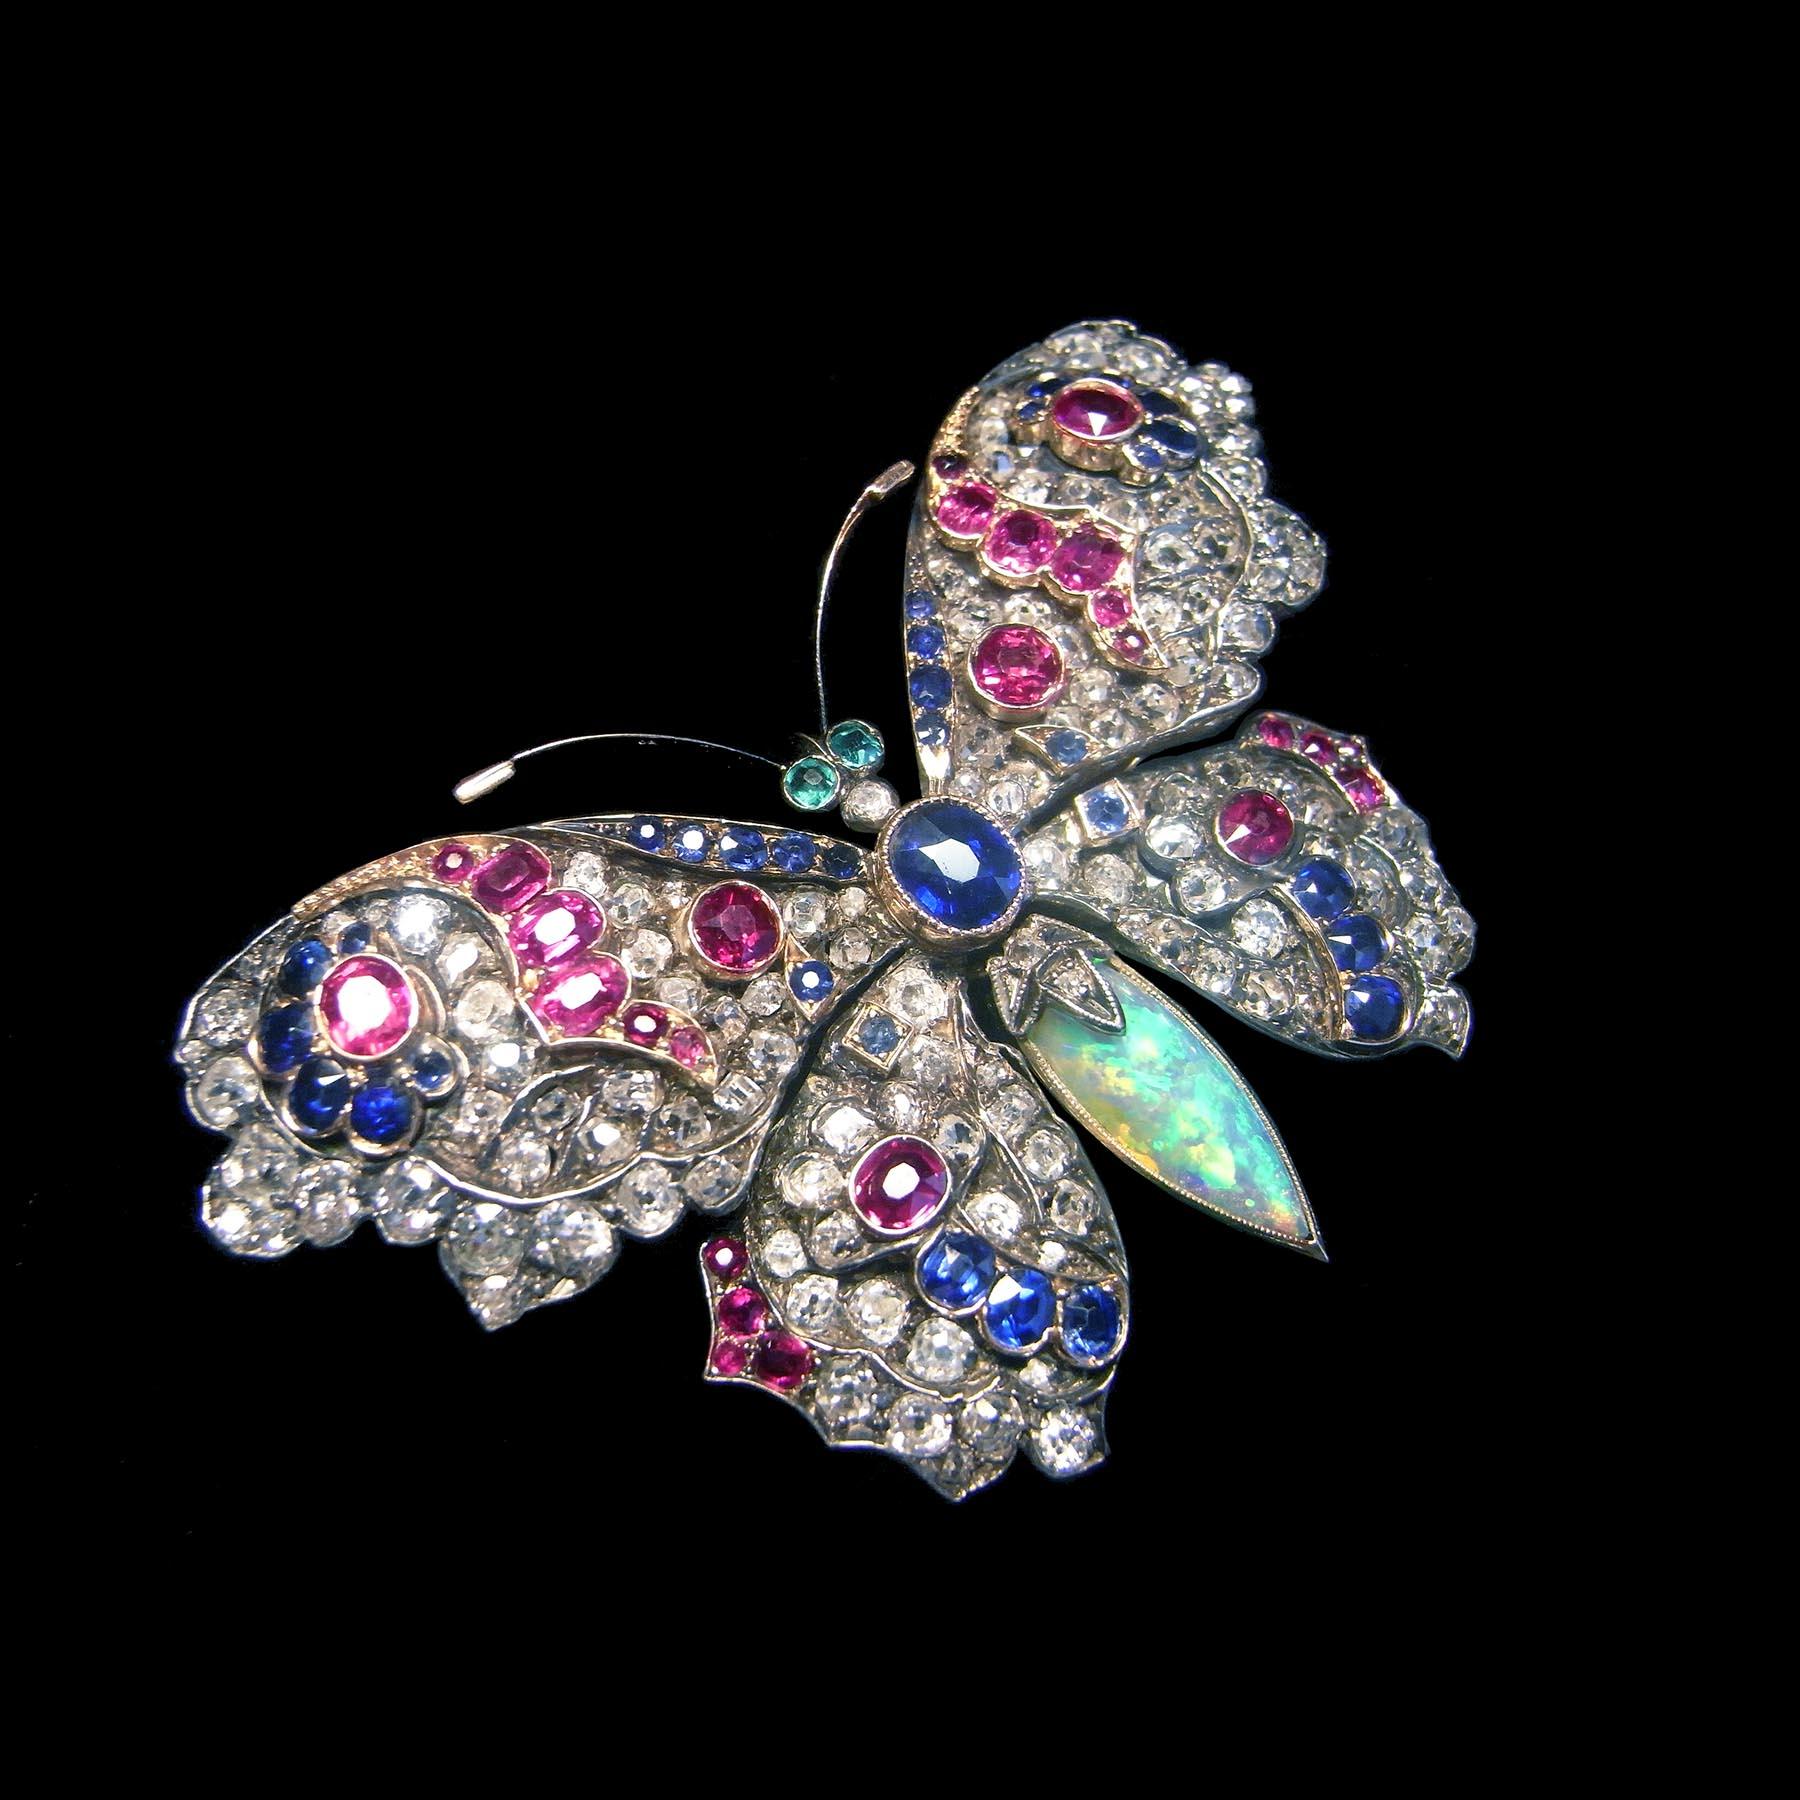 蝶のブローチ ダイヤモンド アンティーク